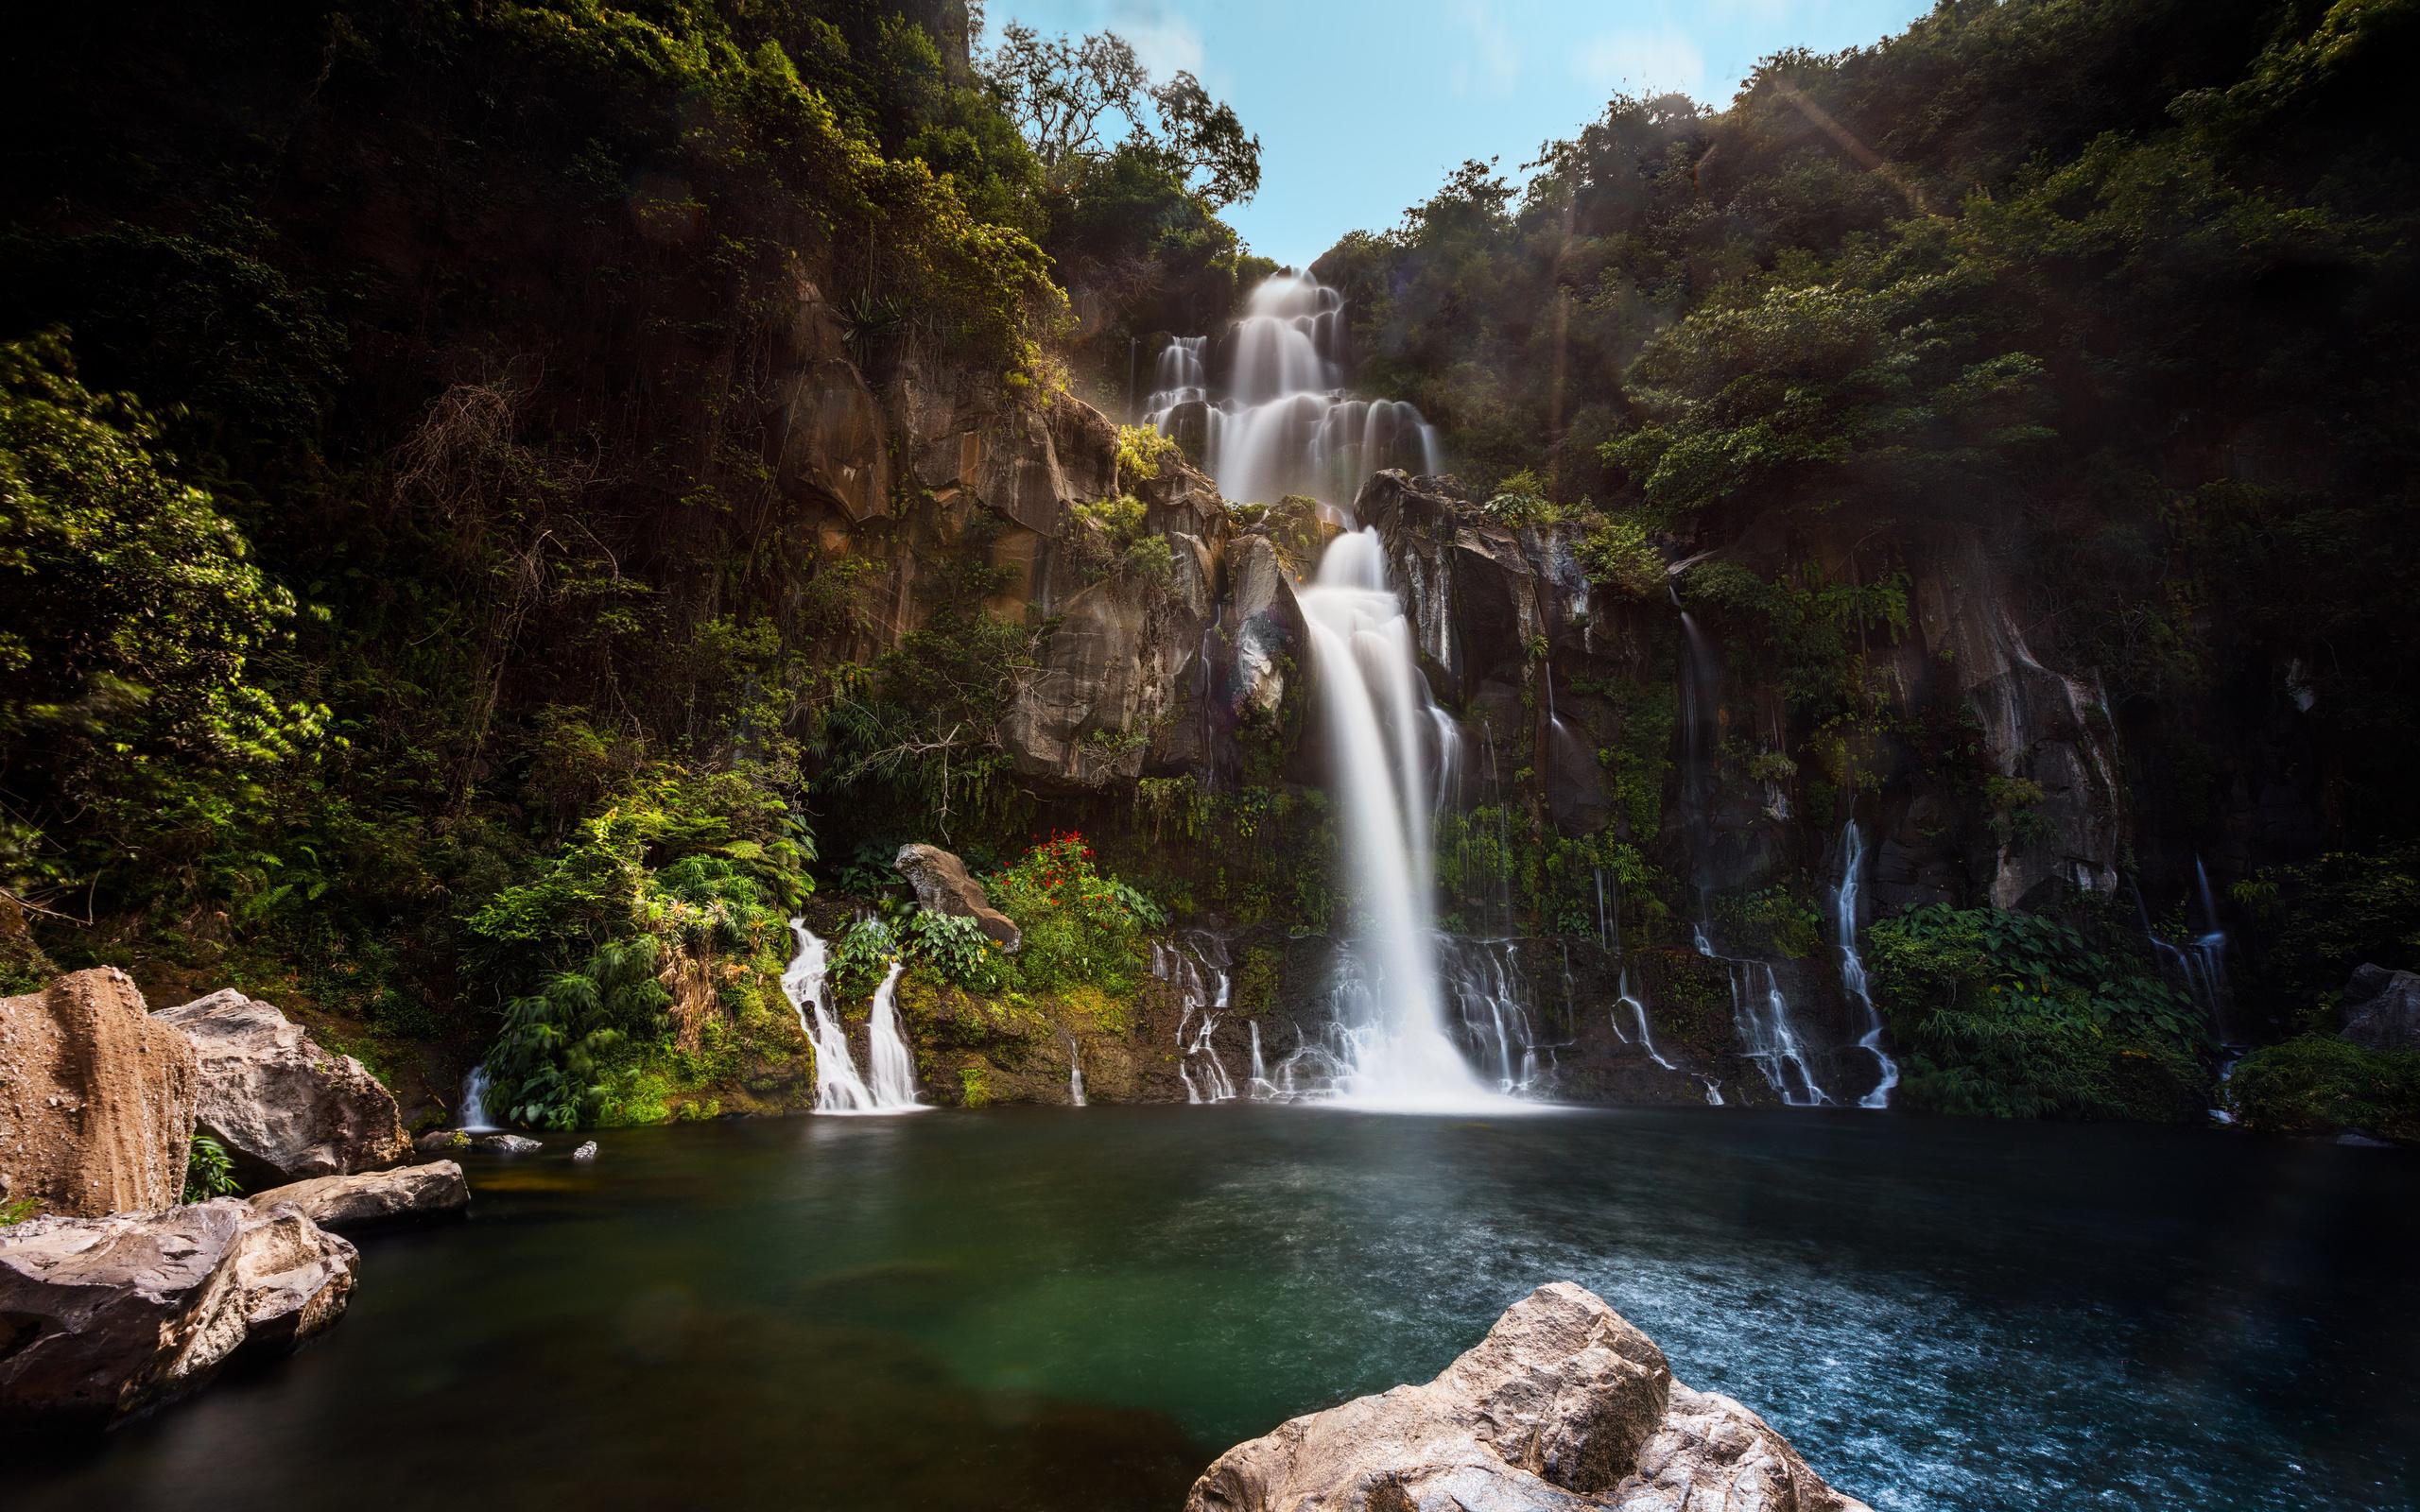 франция, водопад, bassin des, aigrettes, скала, природа